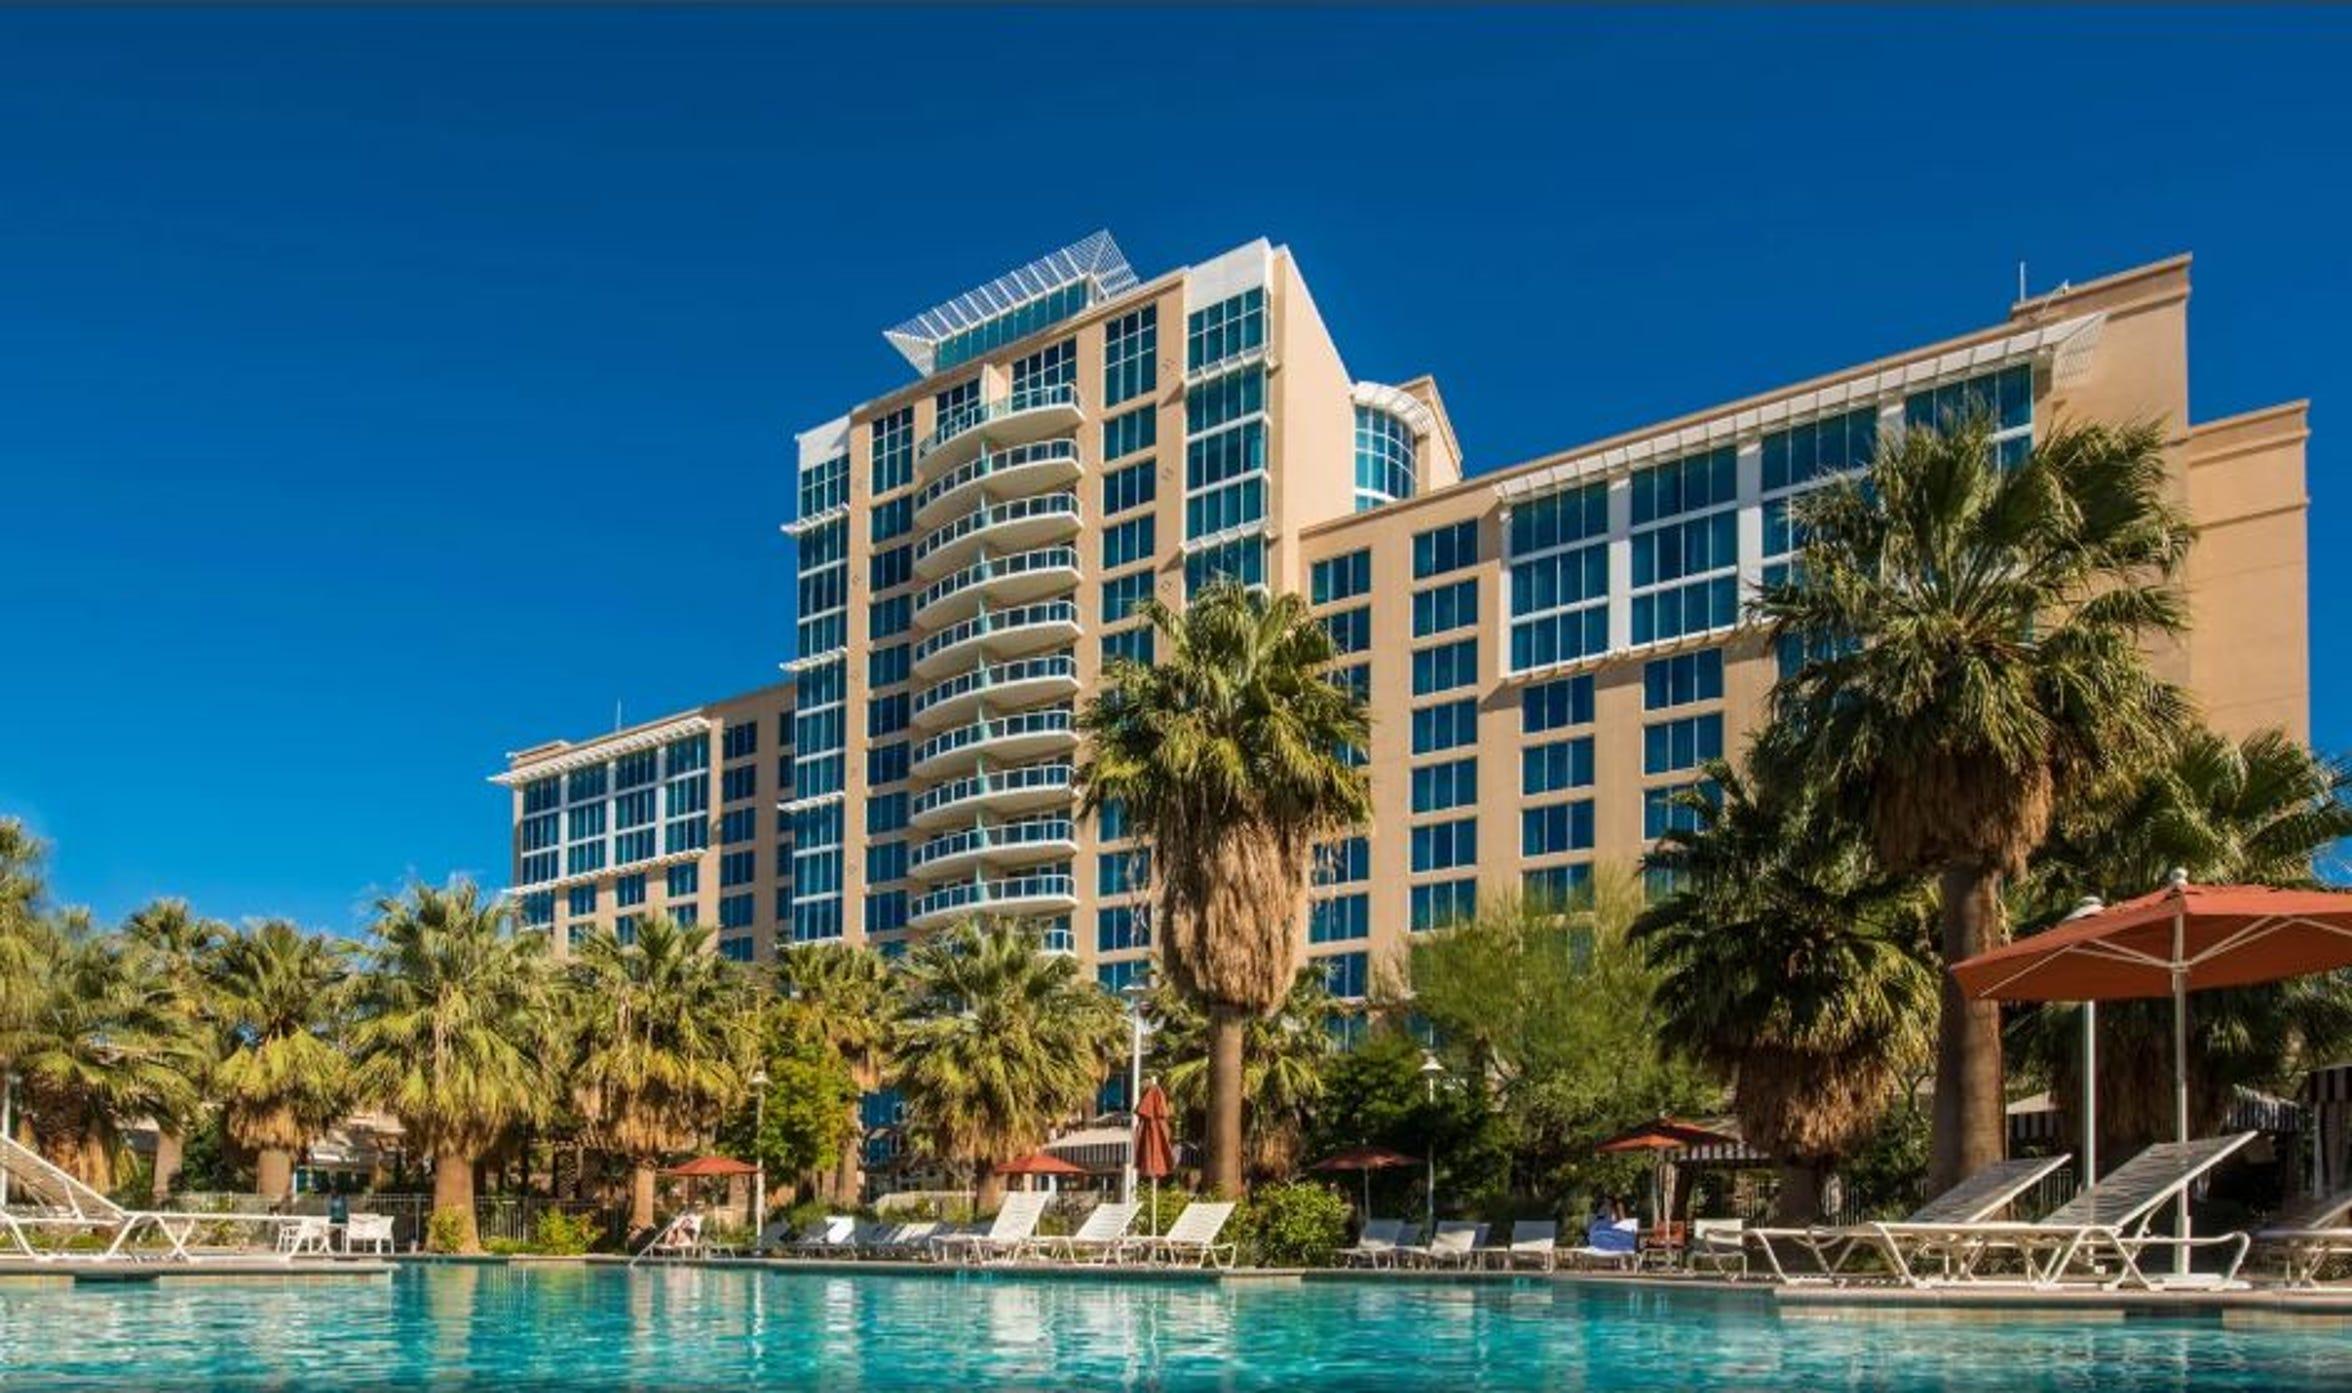 Agua Caliente Resort Casino Spa Rancho Mirage.